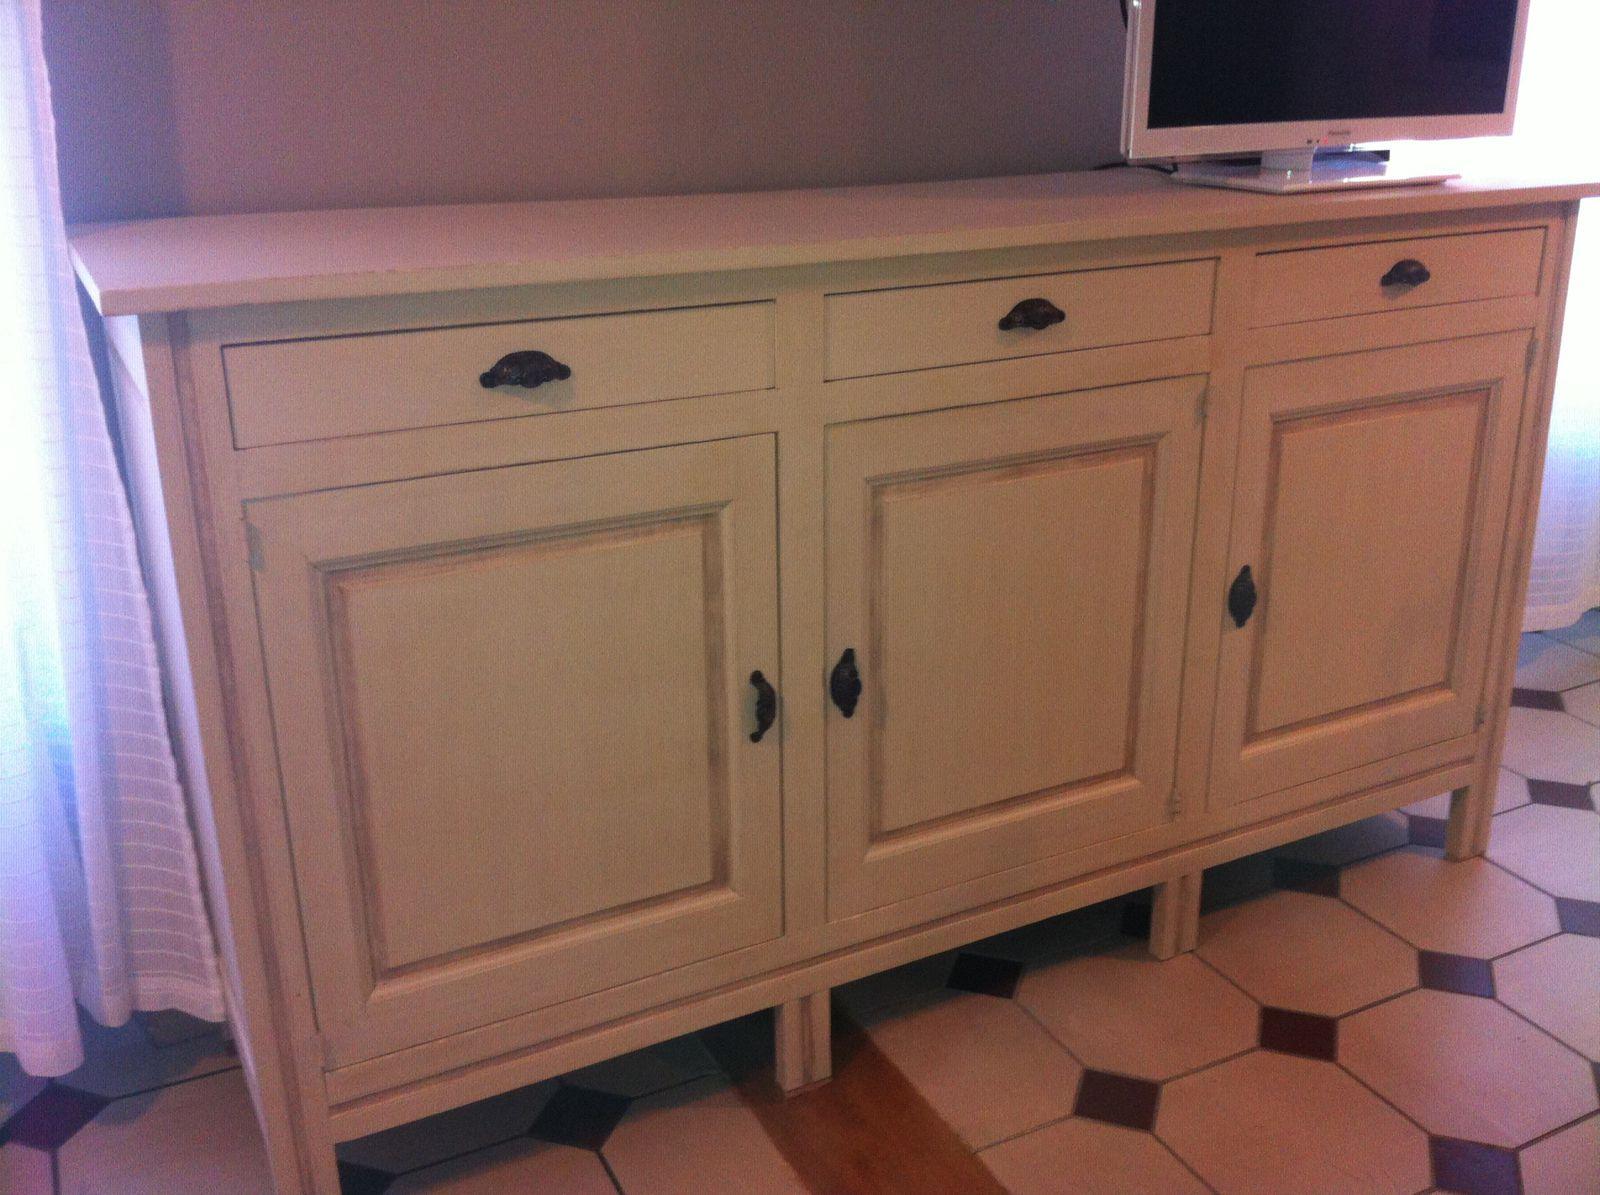 meubles patine pour un relooking dans le style gustavien ambiance patine relooking de. Black Bedroom Furniture Sets. Home Design Ideas